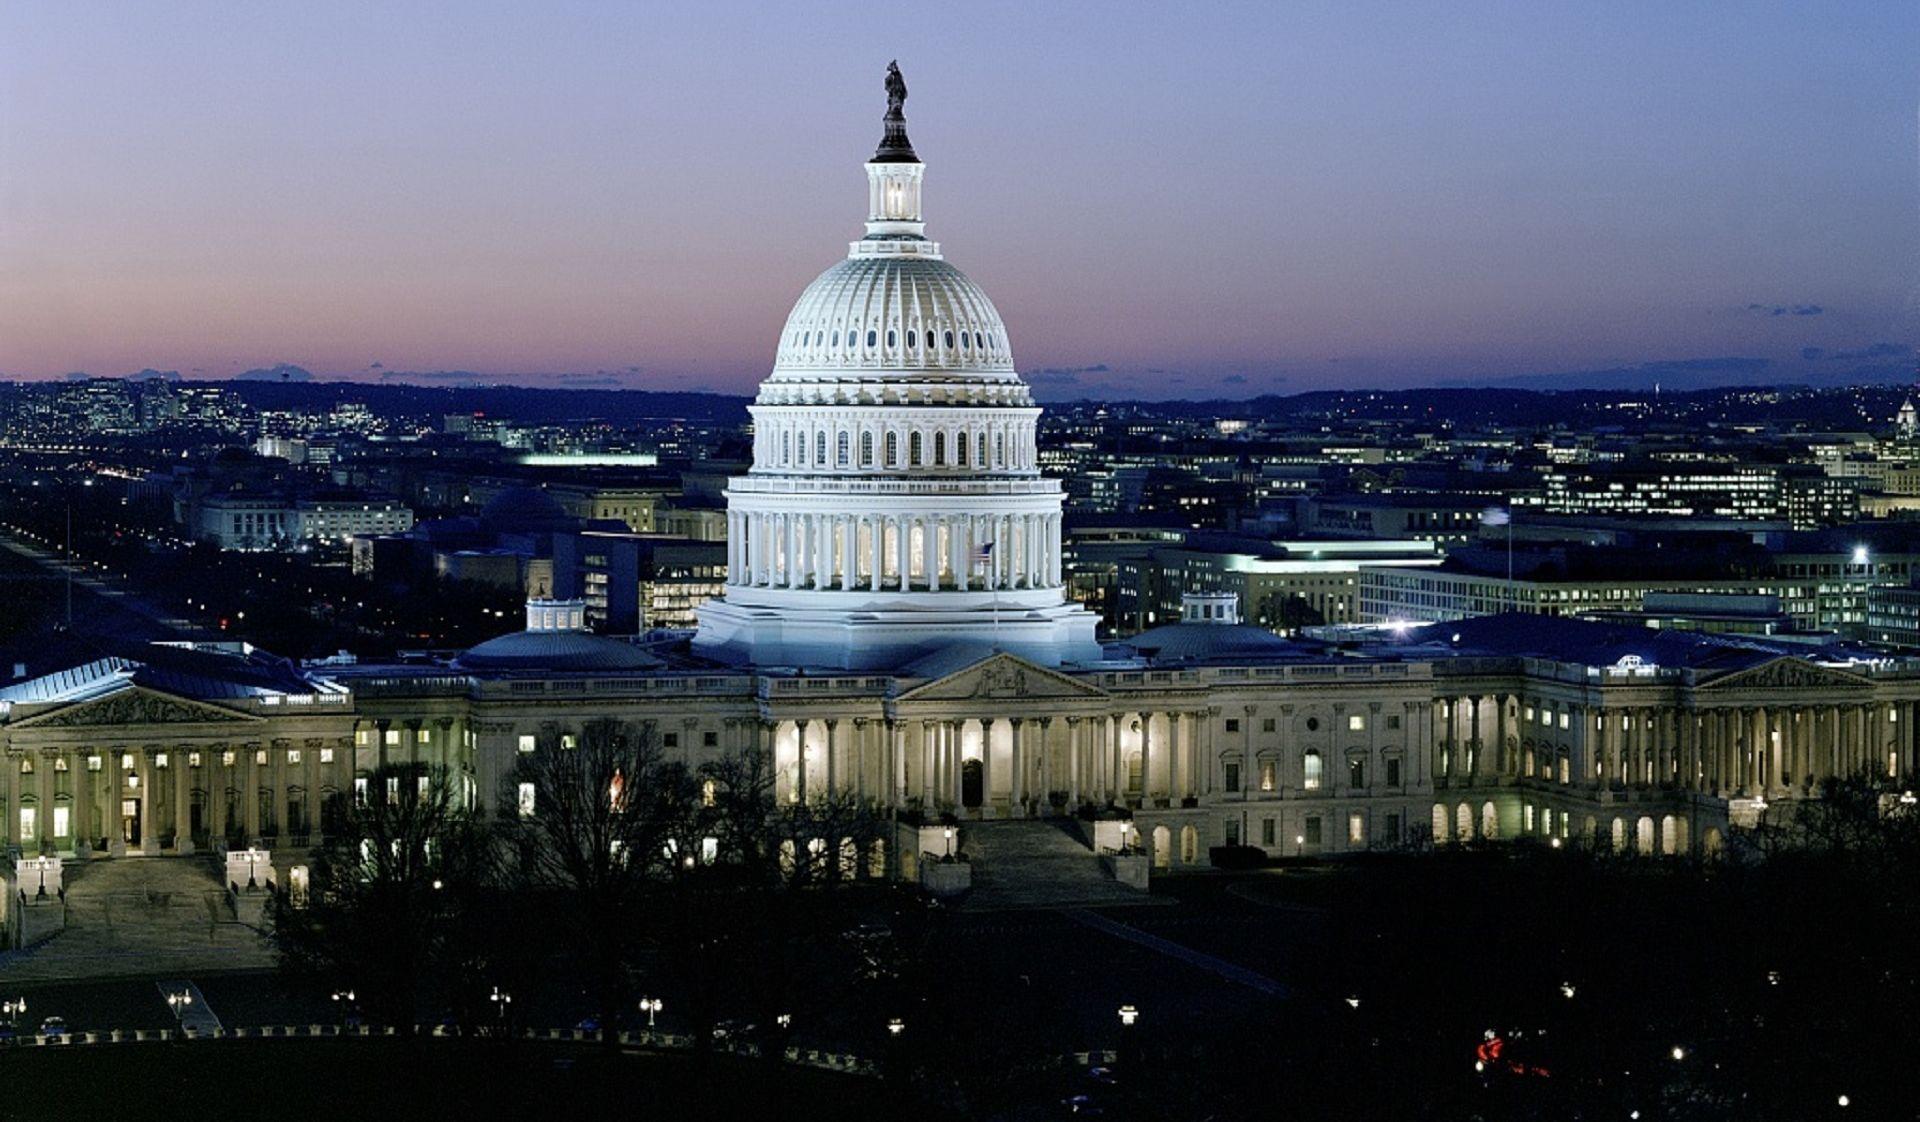 PANIKA U WASHINGTONU Pucnjava na Capitol Hillu, napadač uhićen, jedan policajac ranjen